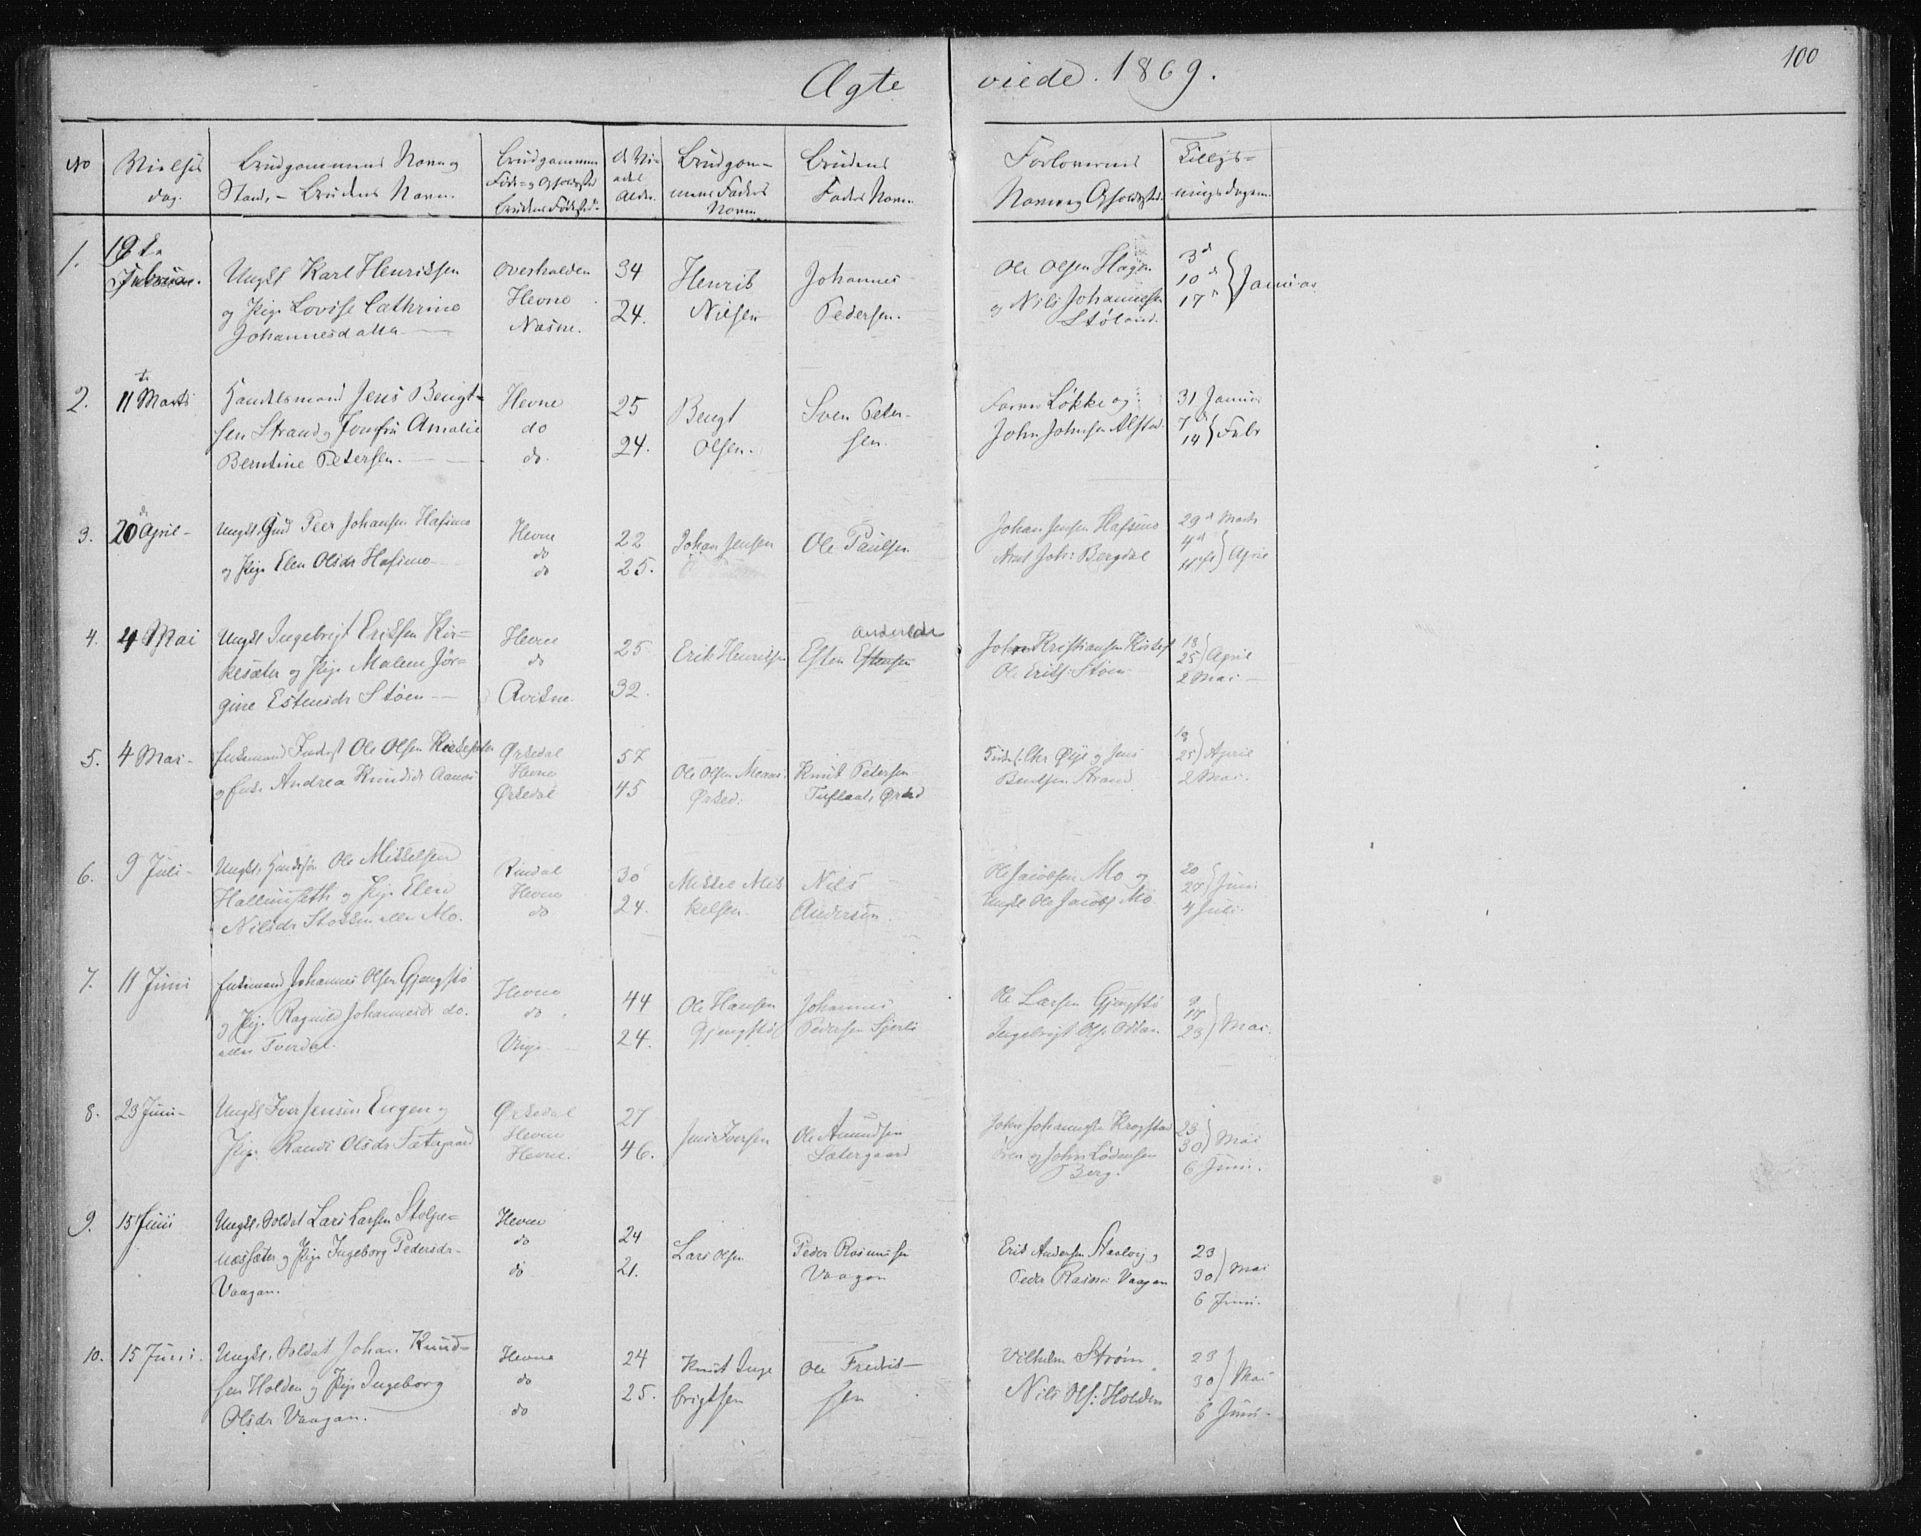 SAT, Ministerialprotokoller, klokkerbøker og fødselsregistre - Sør-Trøndelag, 630/L0503: Klokkerbok nr. 630C01, 1869-1878, s. 100